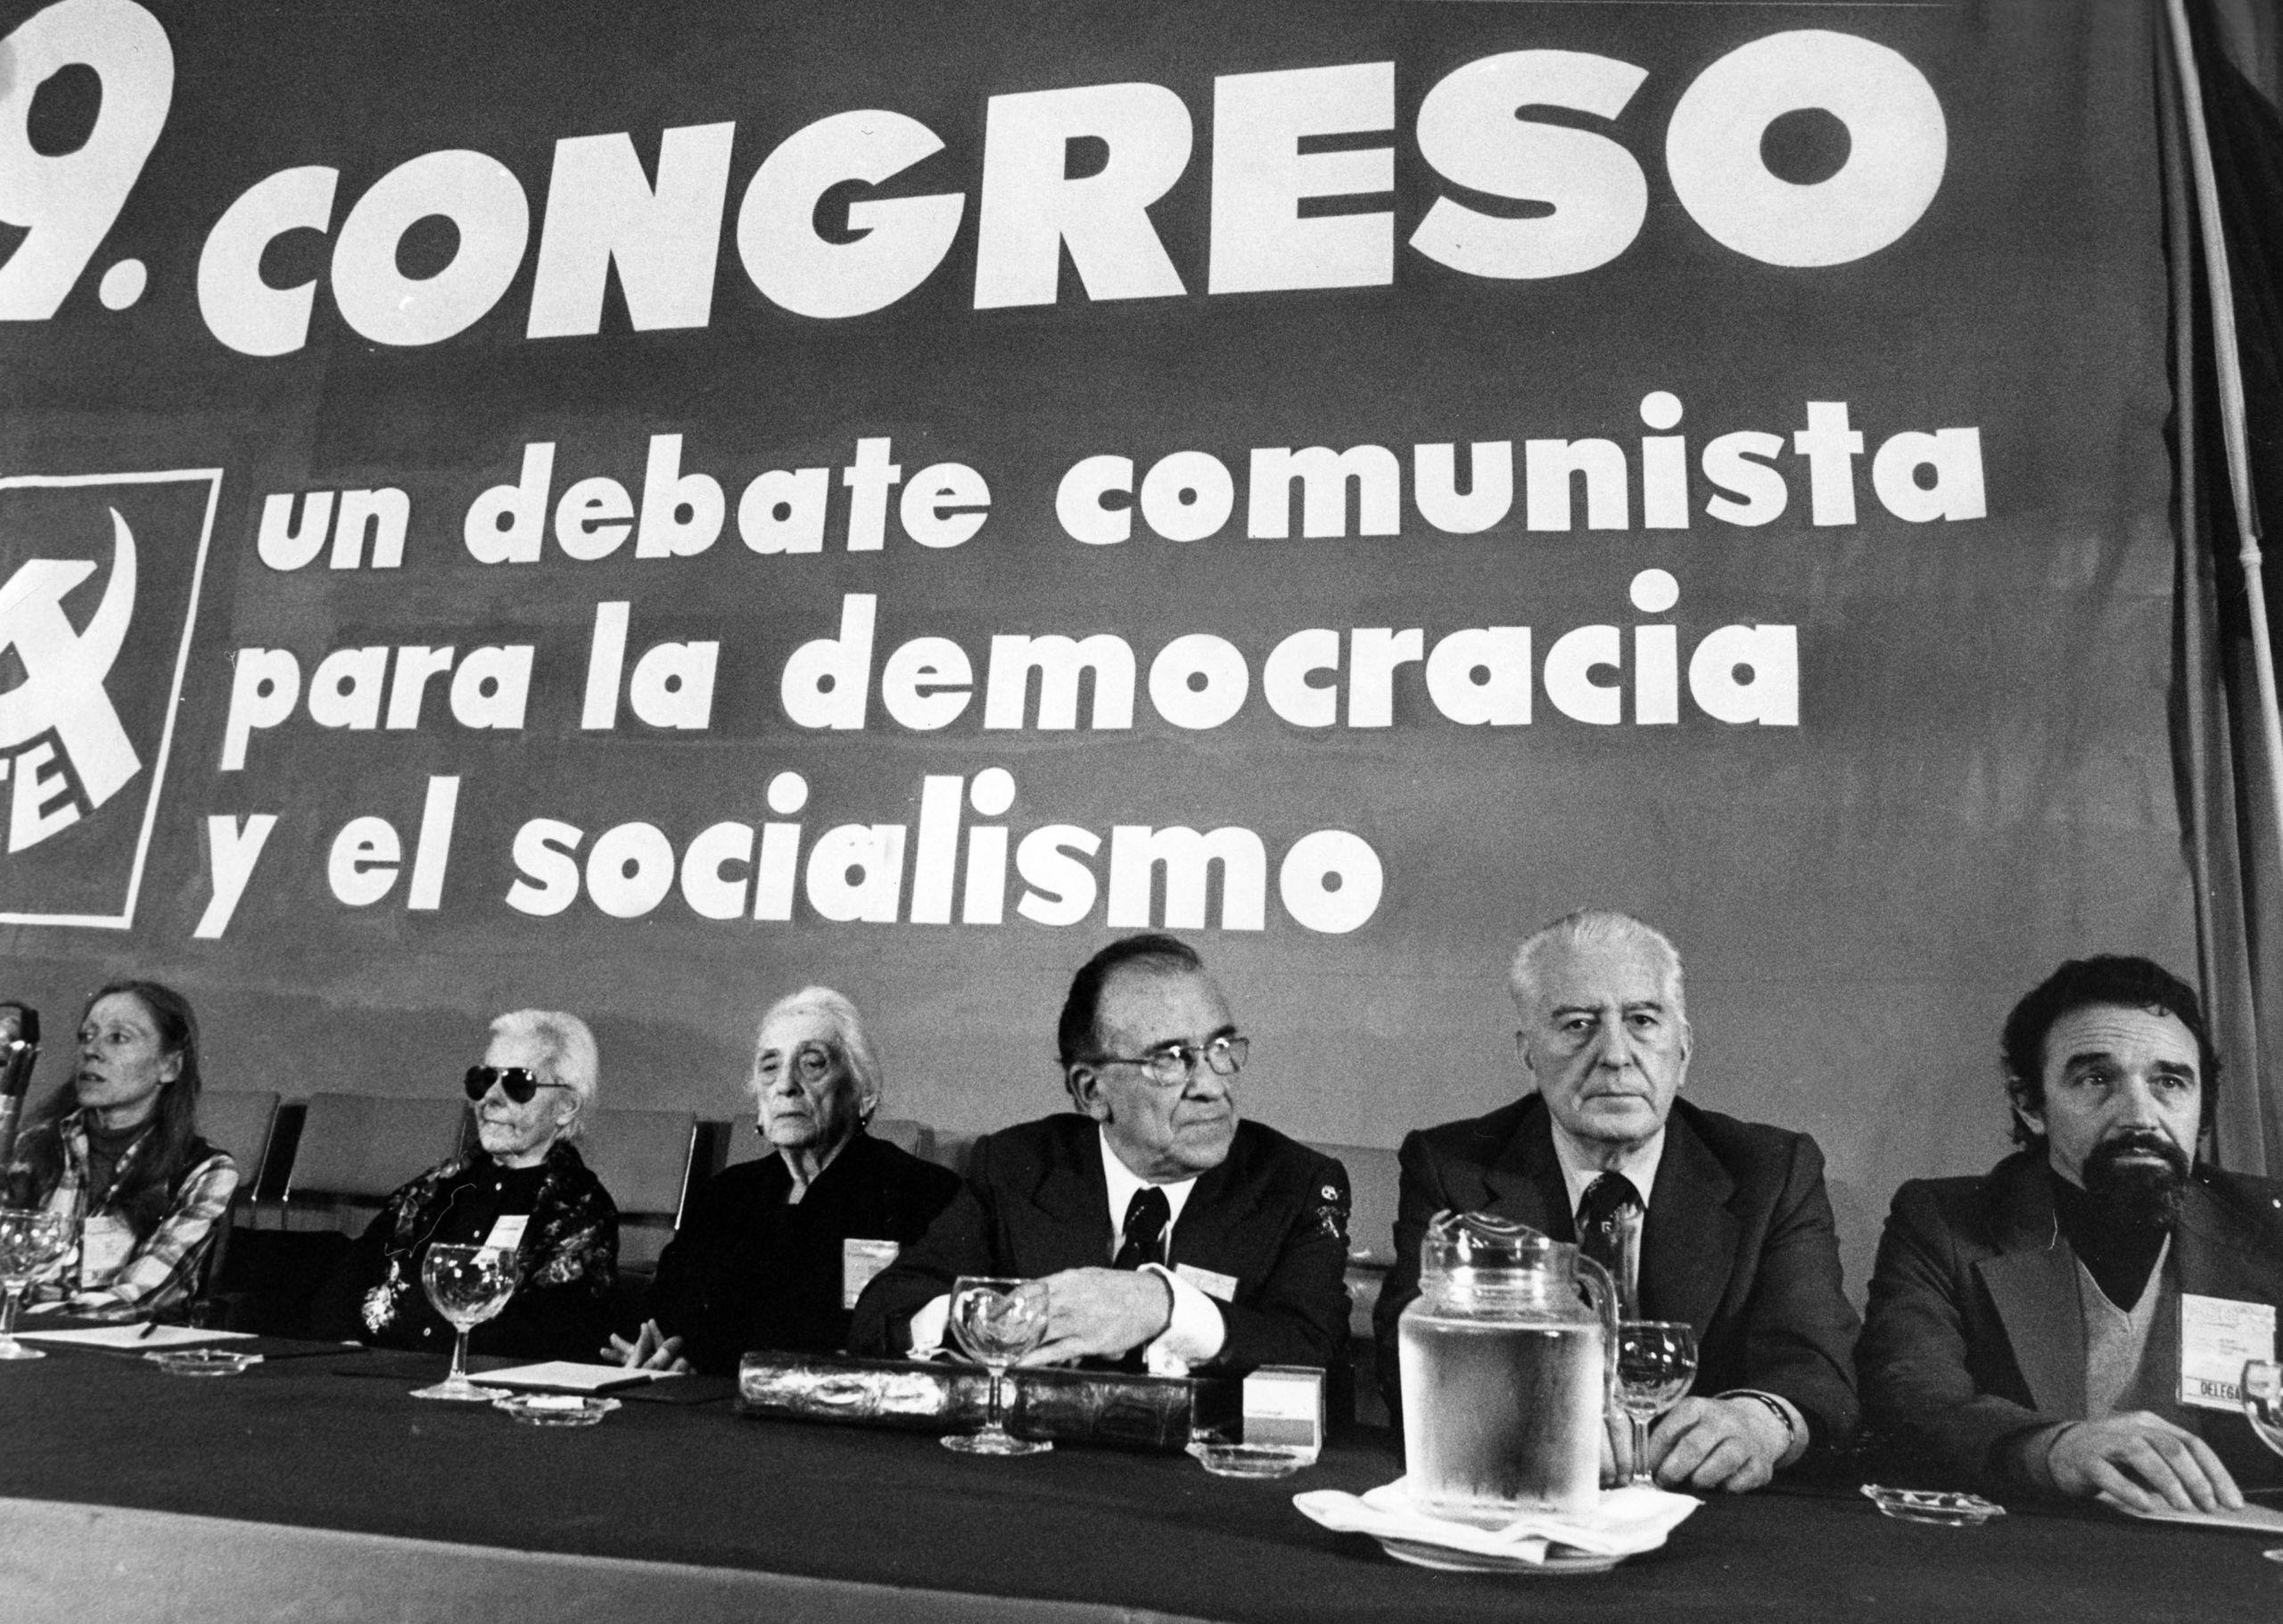 congreso-pce-1978-carrillo.jpg